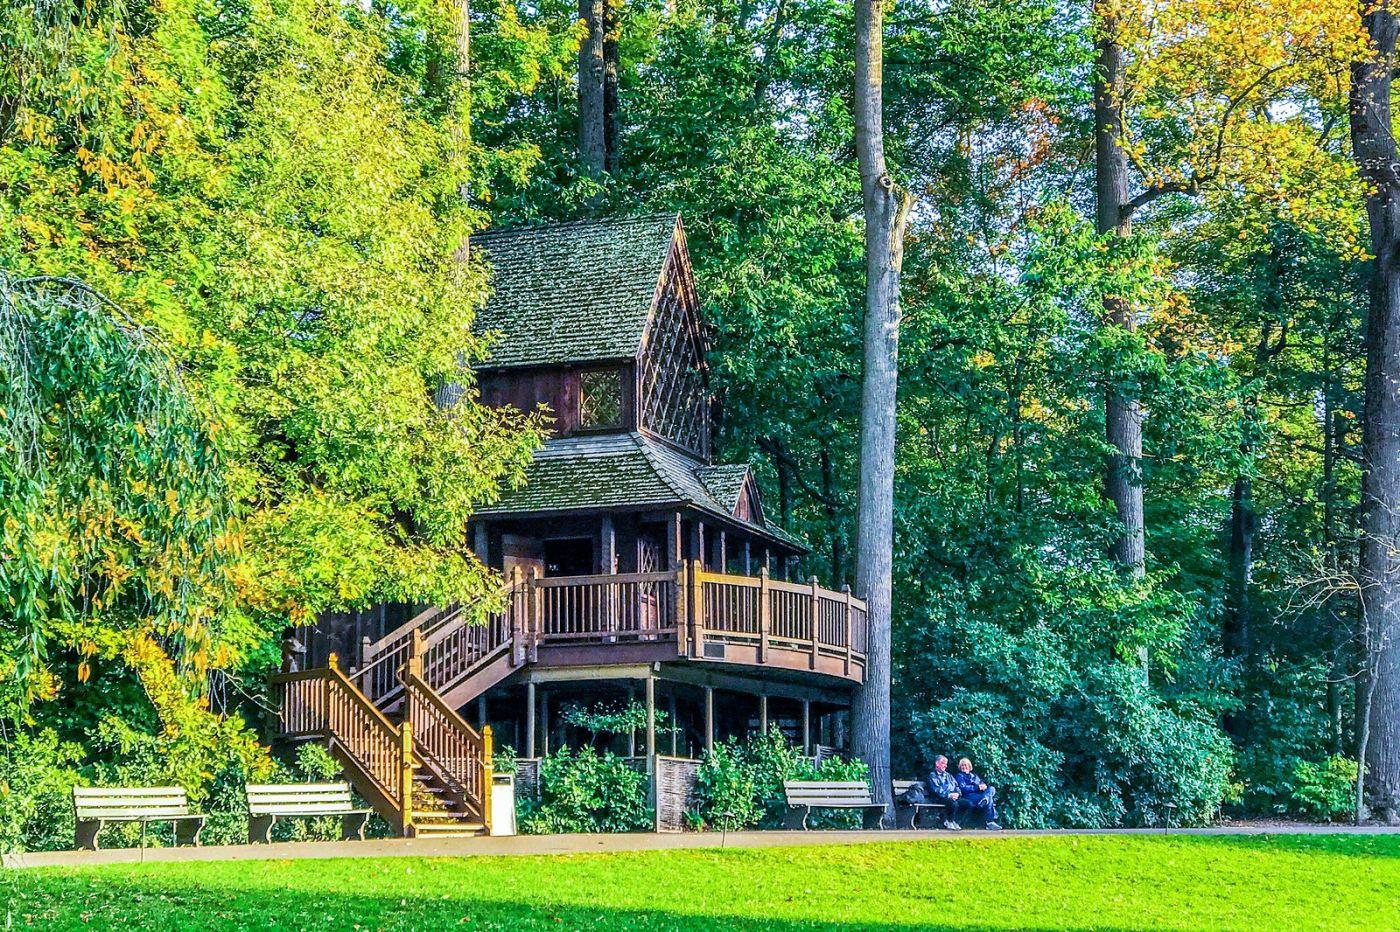 宾州长木公园,熟悉的景色_图1-2